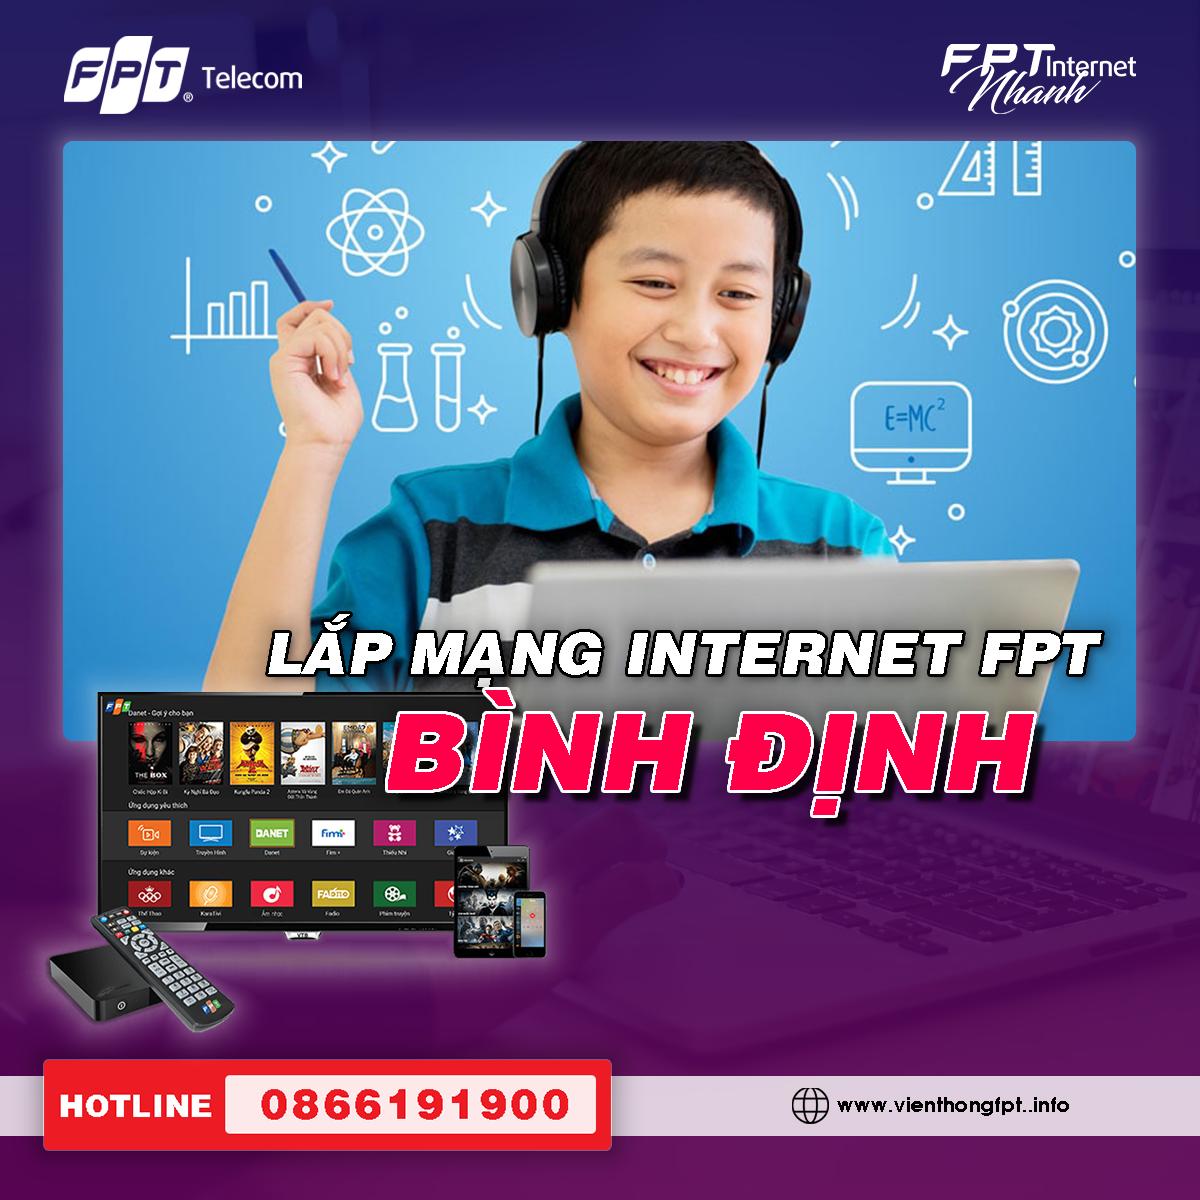 Đăng ký Internet FPT tại Bình Định - Miễn phí lắp đặt - Tặng 2 tháng cước